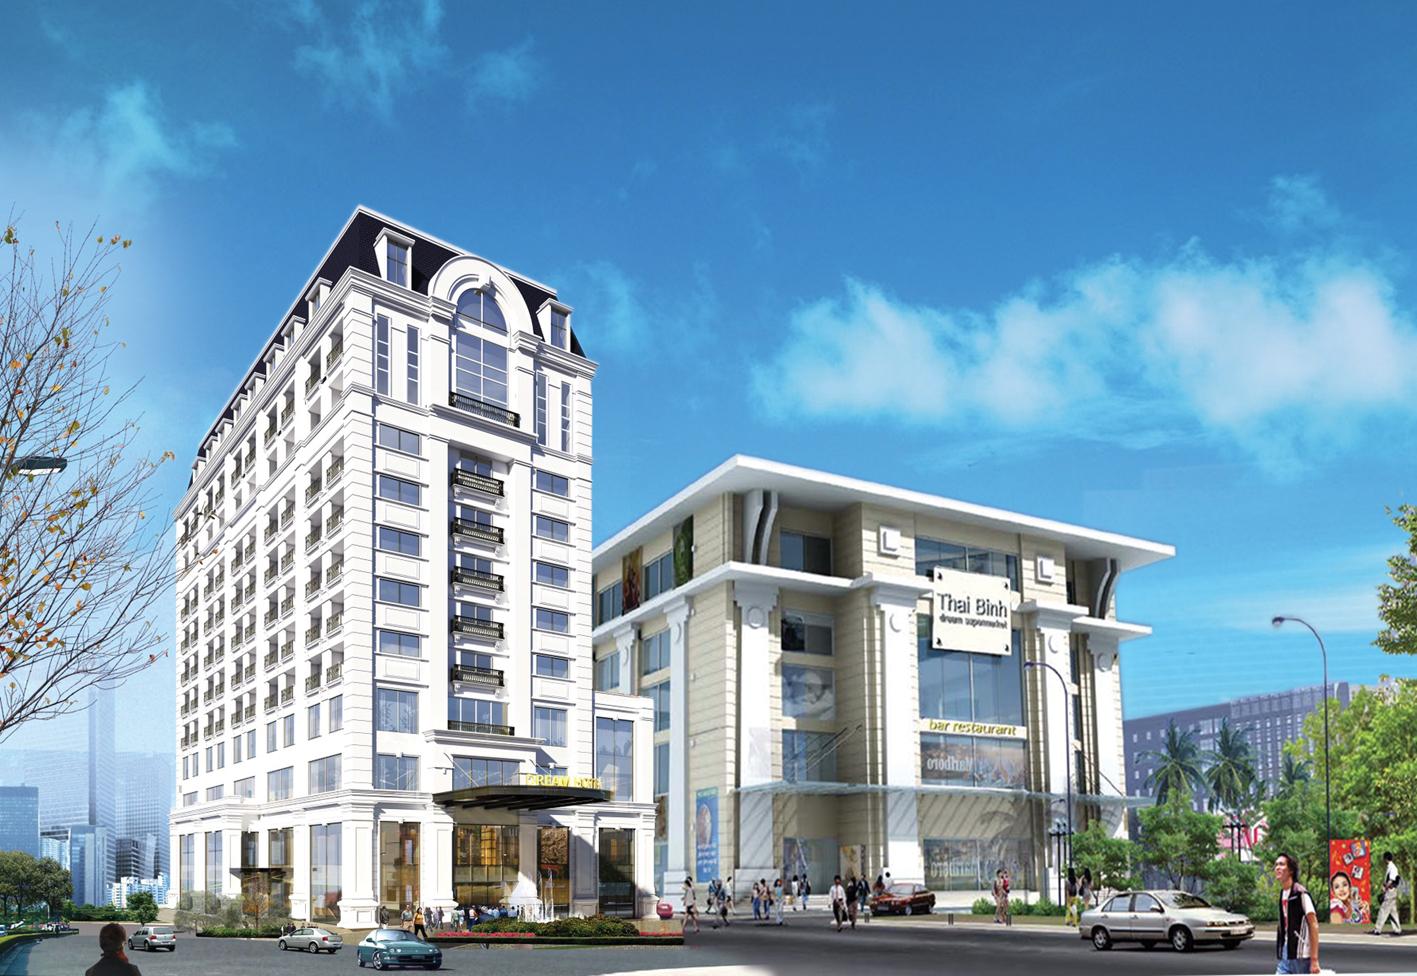 Khách sạn Thái Bình Dream